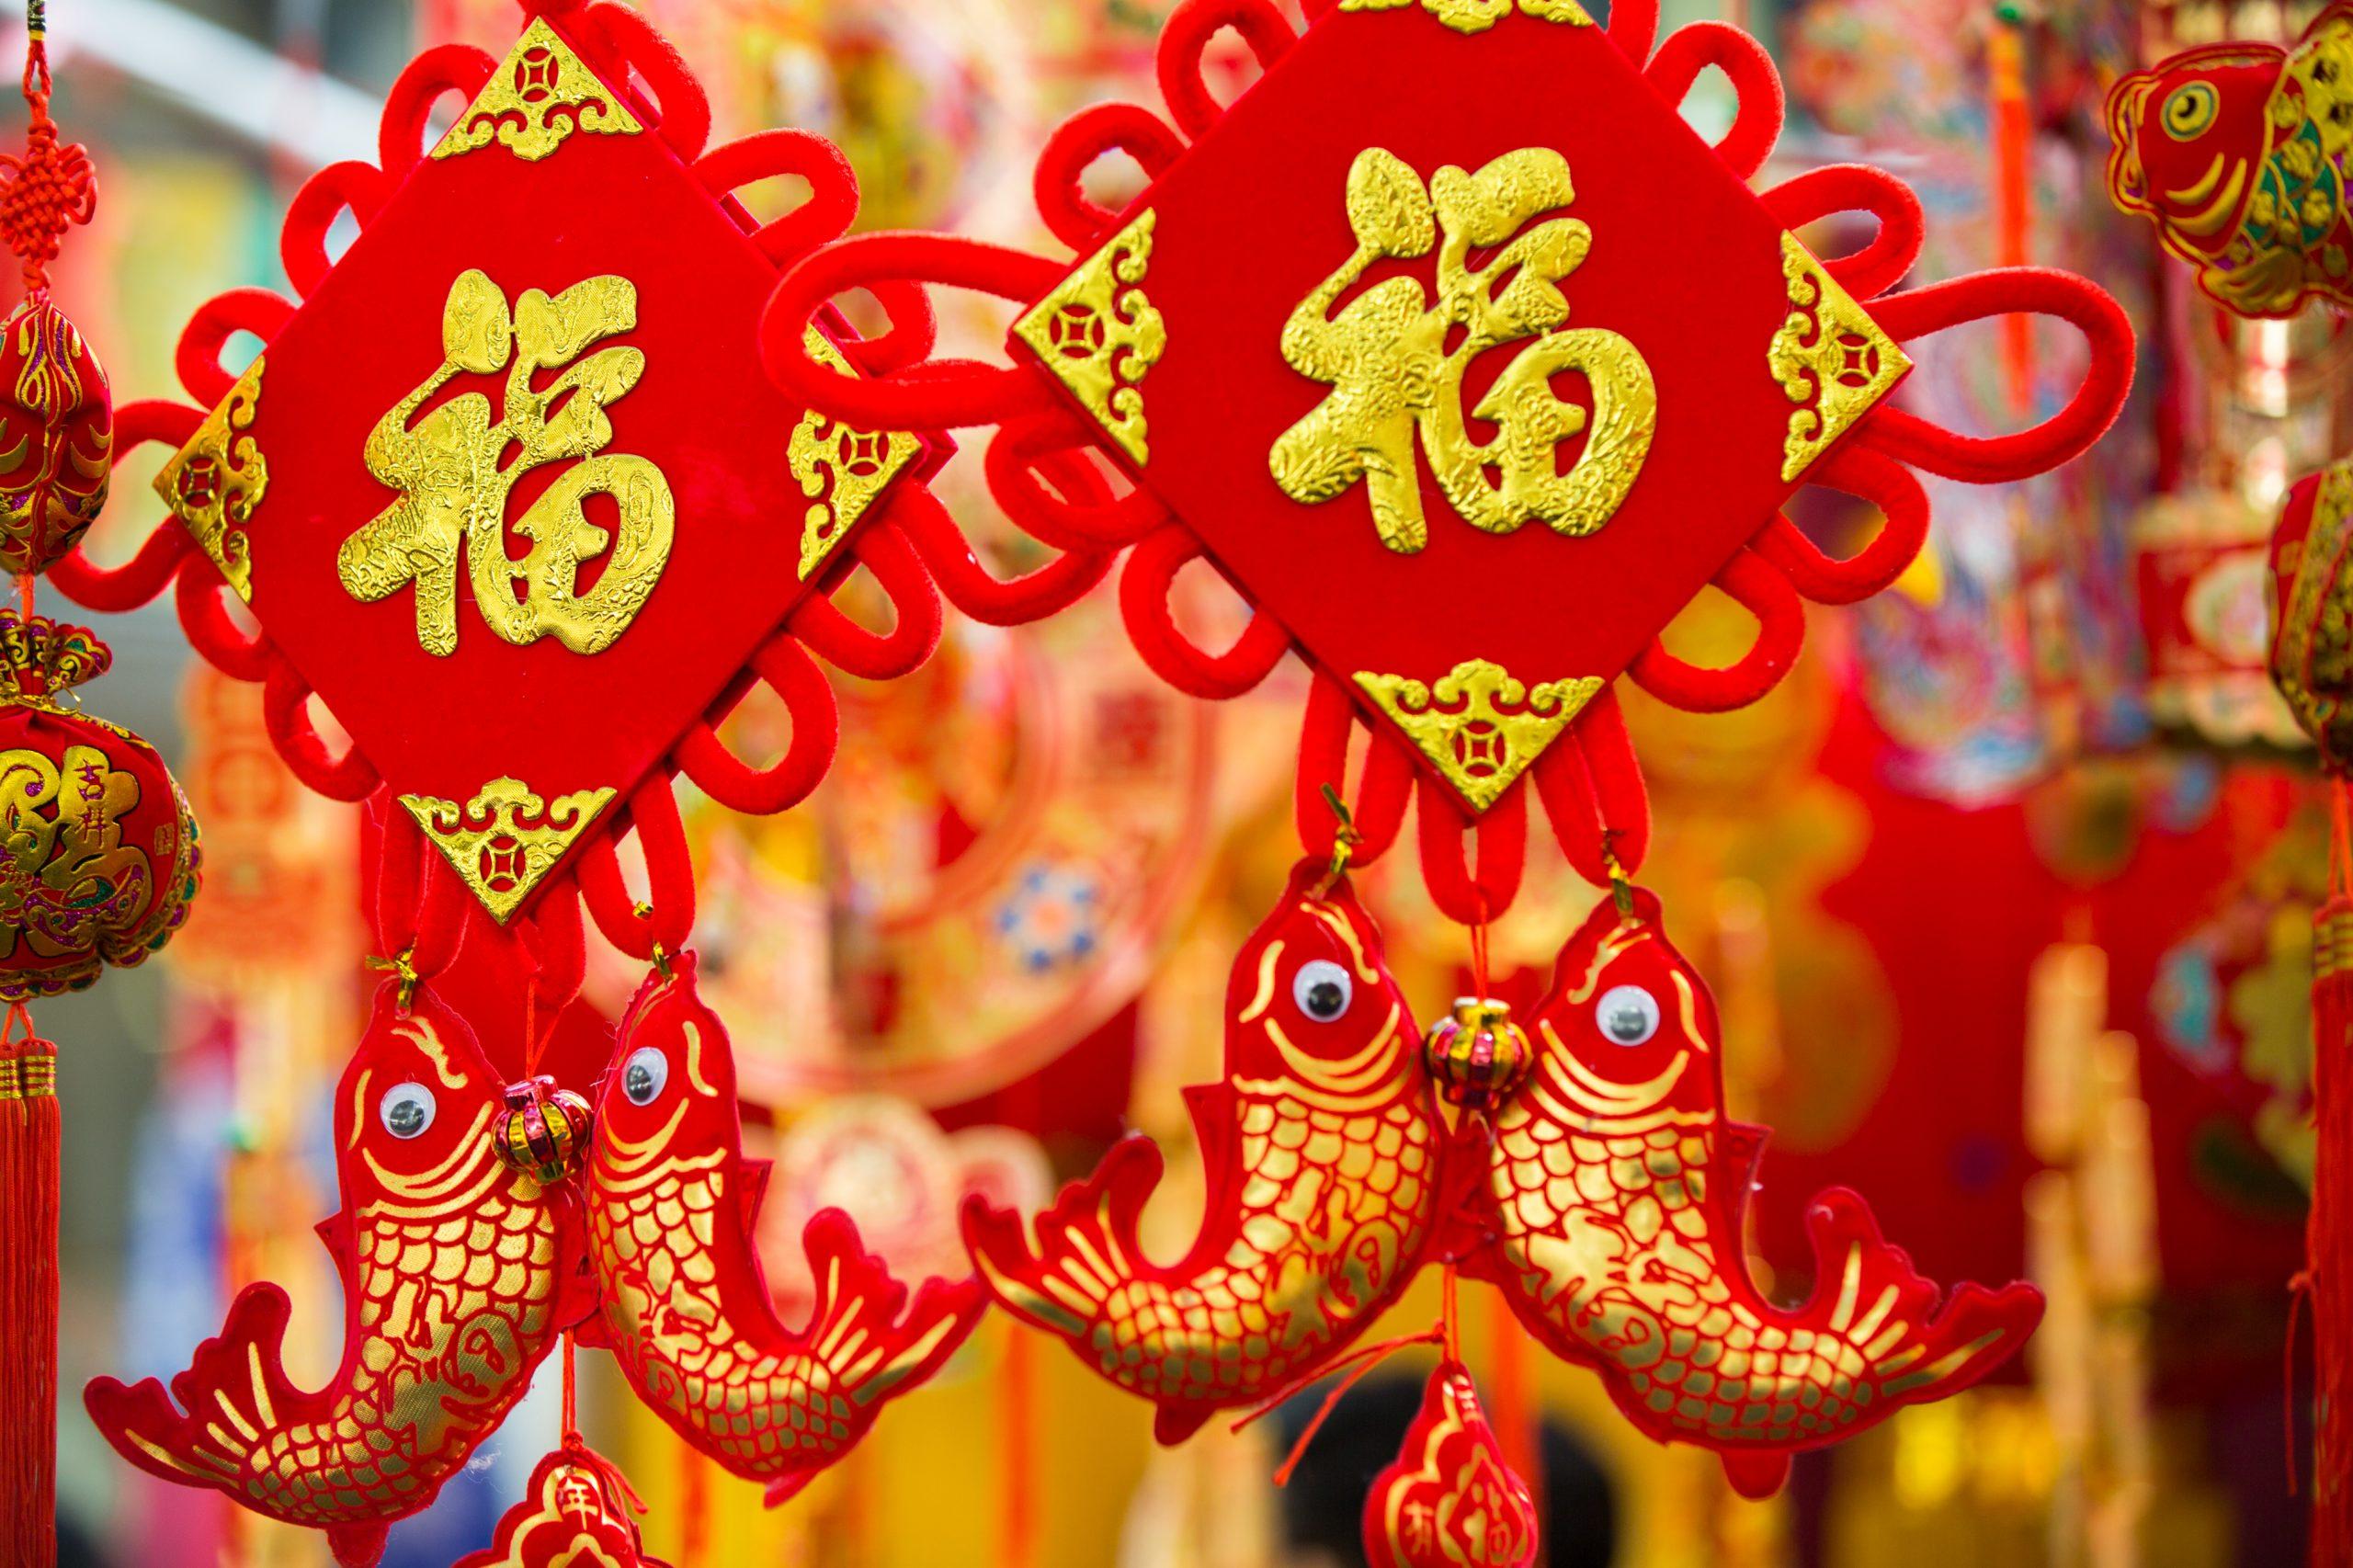 Comienza el Año Nuevo Chino: ¿preparado para el año del ahorro?